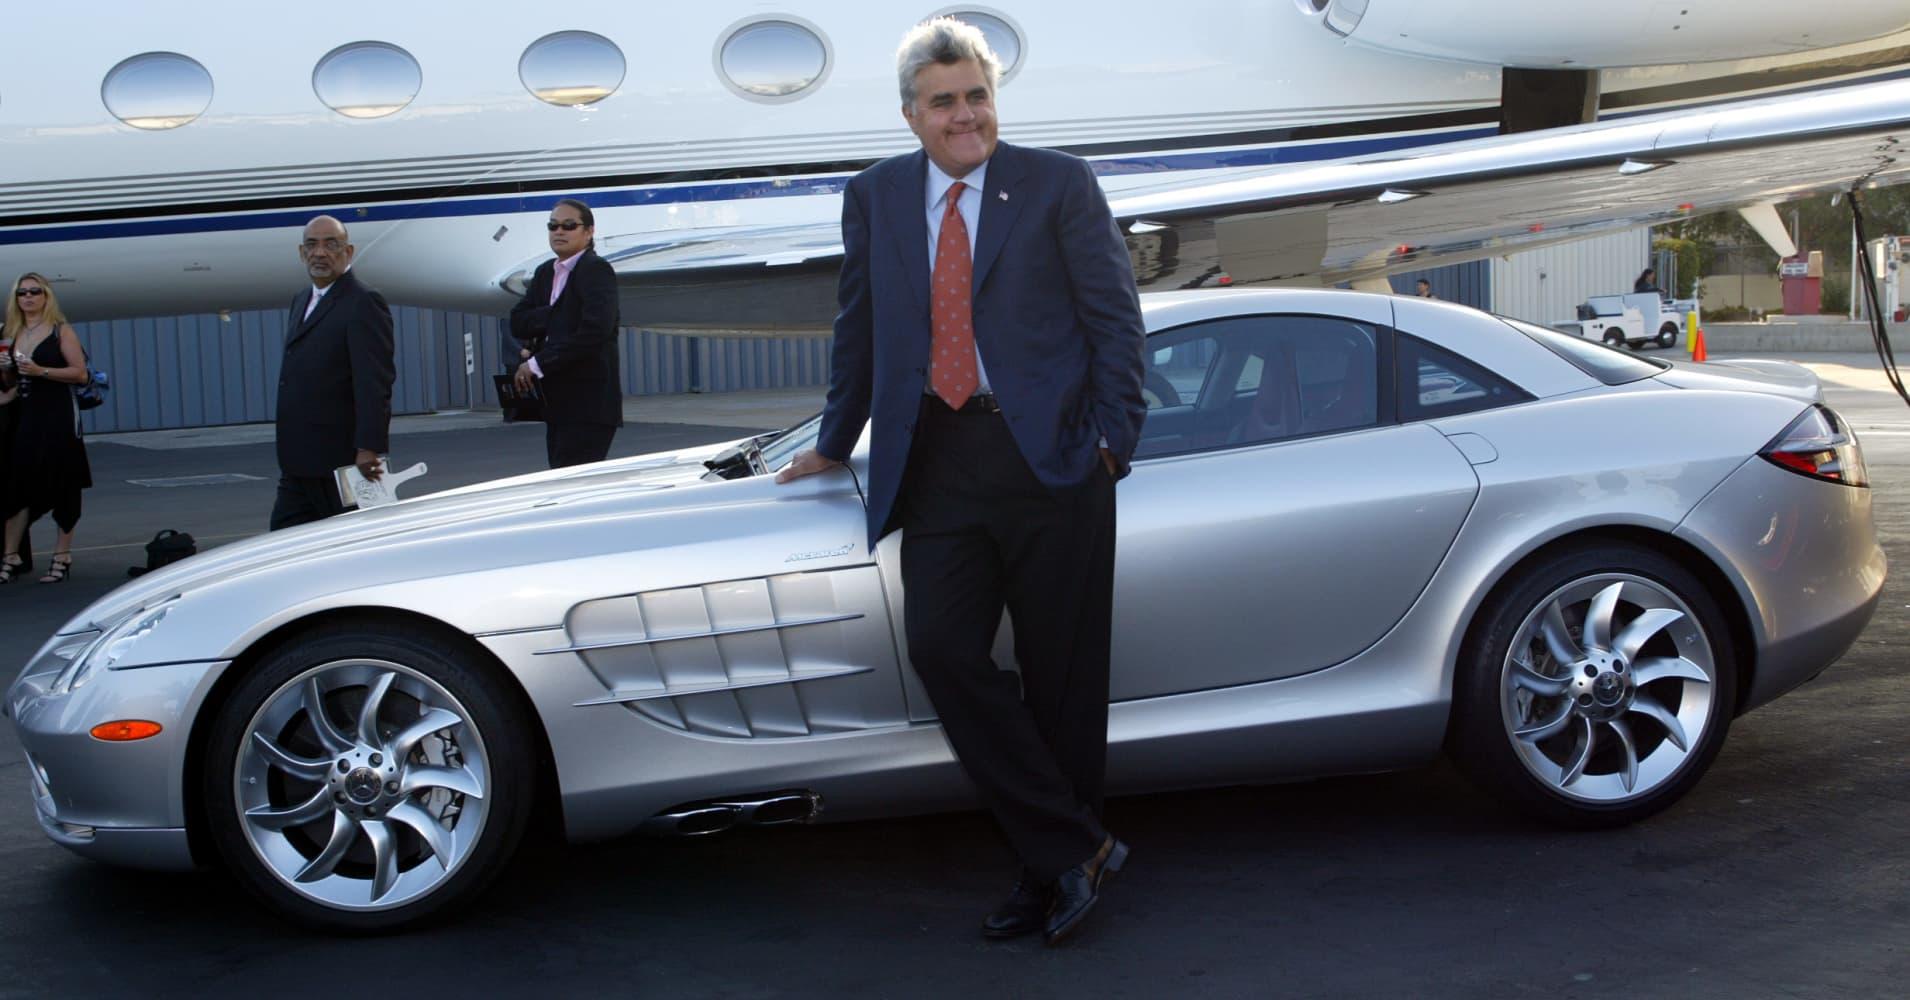 Джей Лено, най-известният колекционер на редки автомобили.